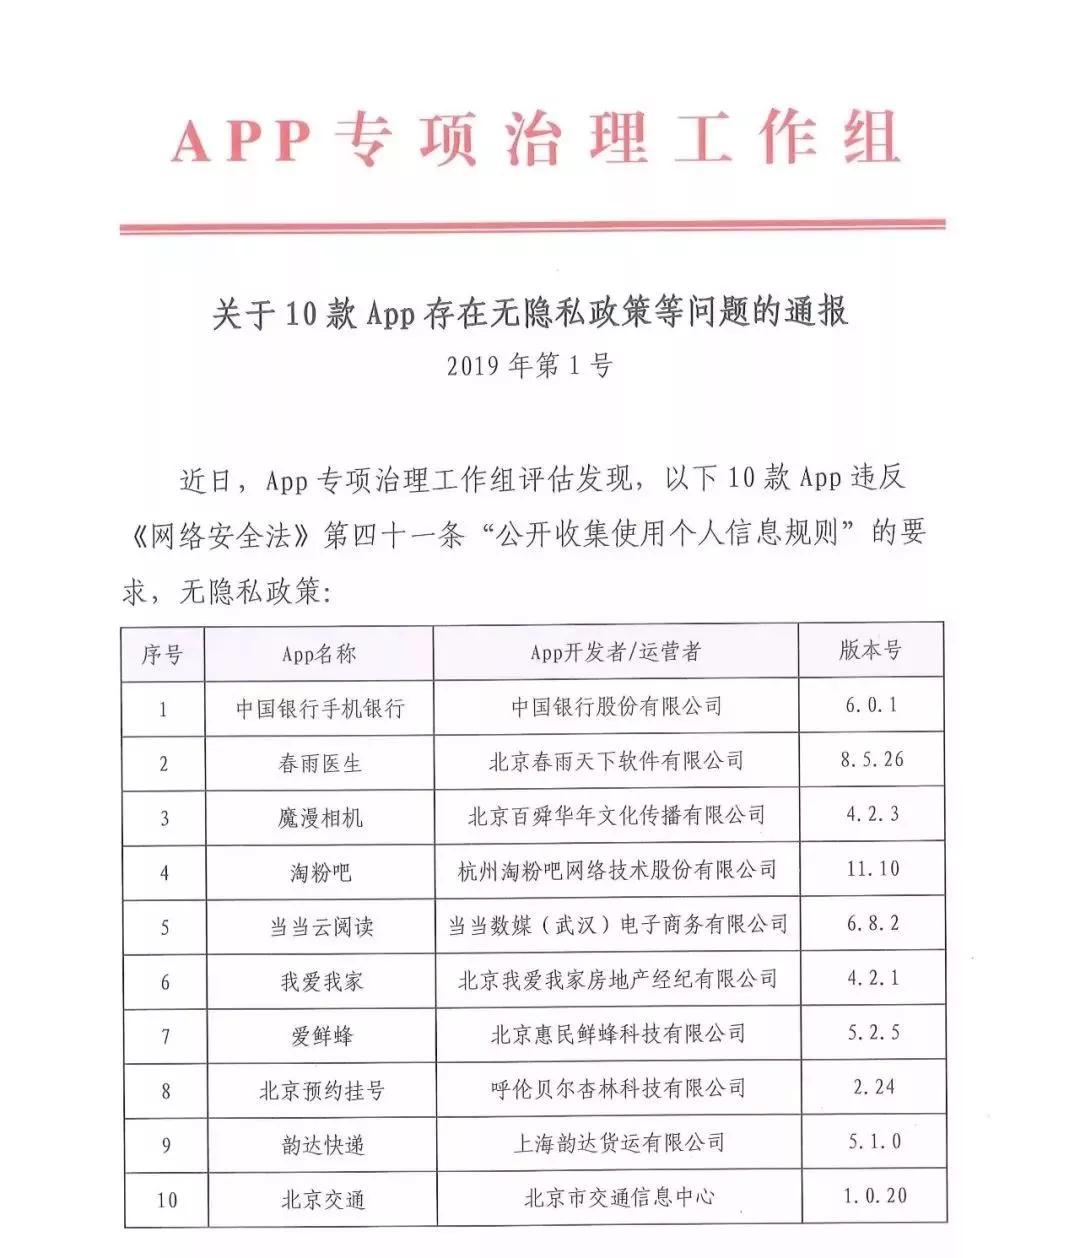 30款App违规收集个人信息真的吗?30款App分别是哪些完整名单曝光